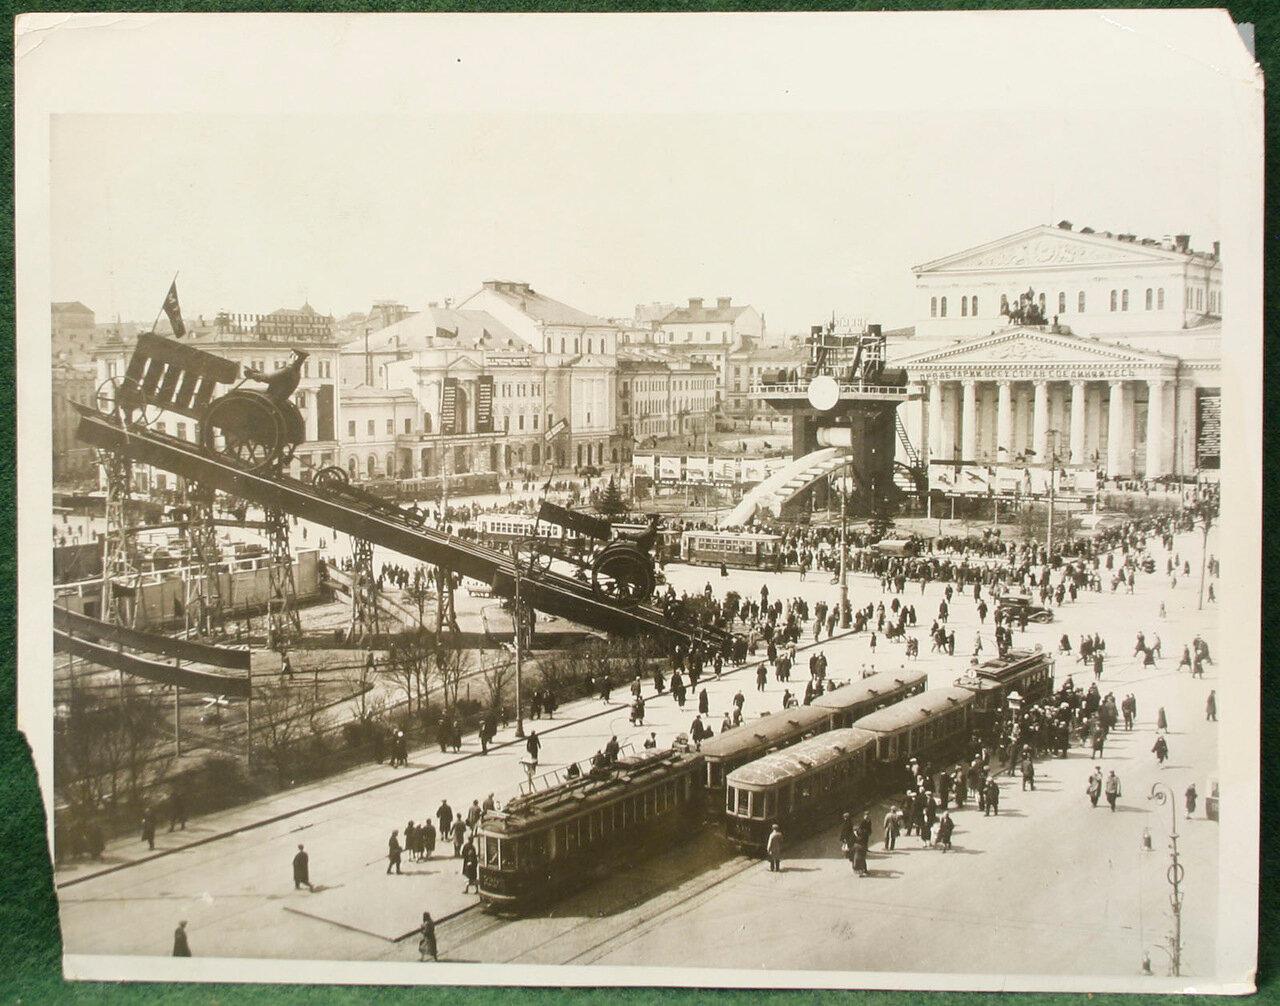 1930. Наглядная агитация на площади перед Большим Театром в Москве